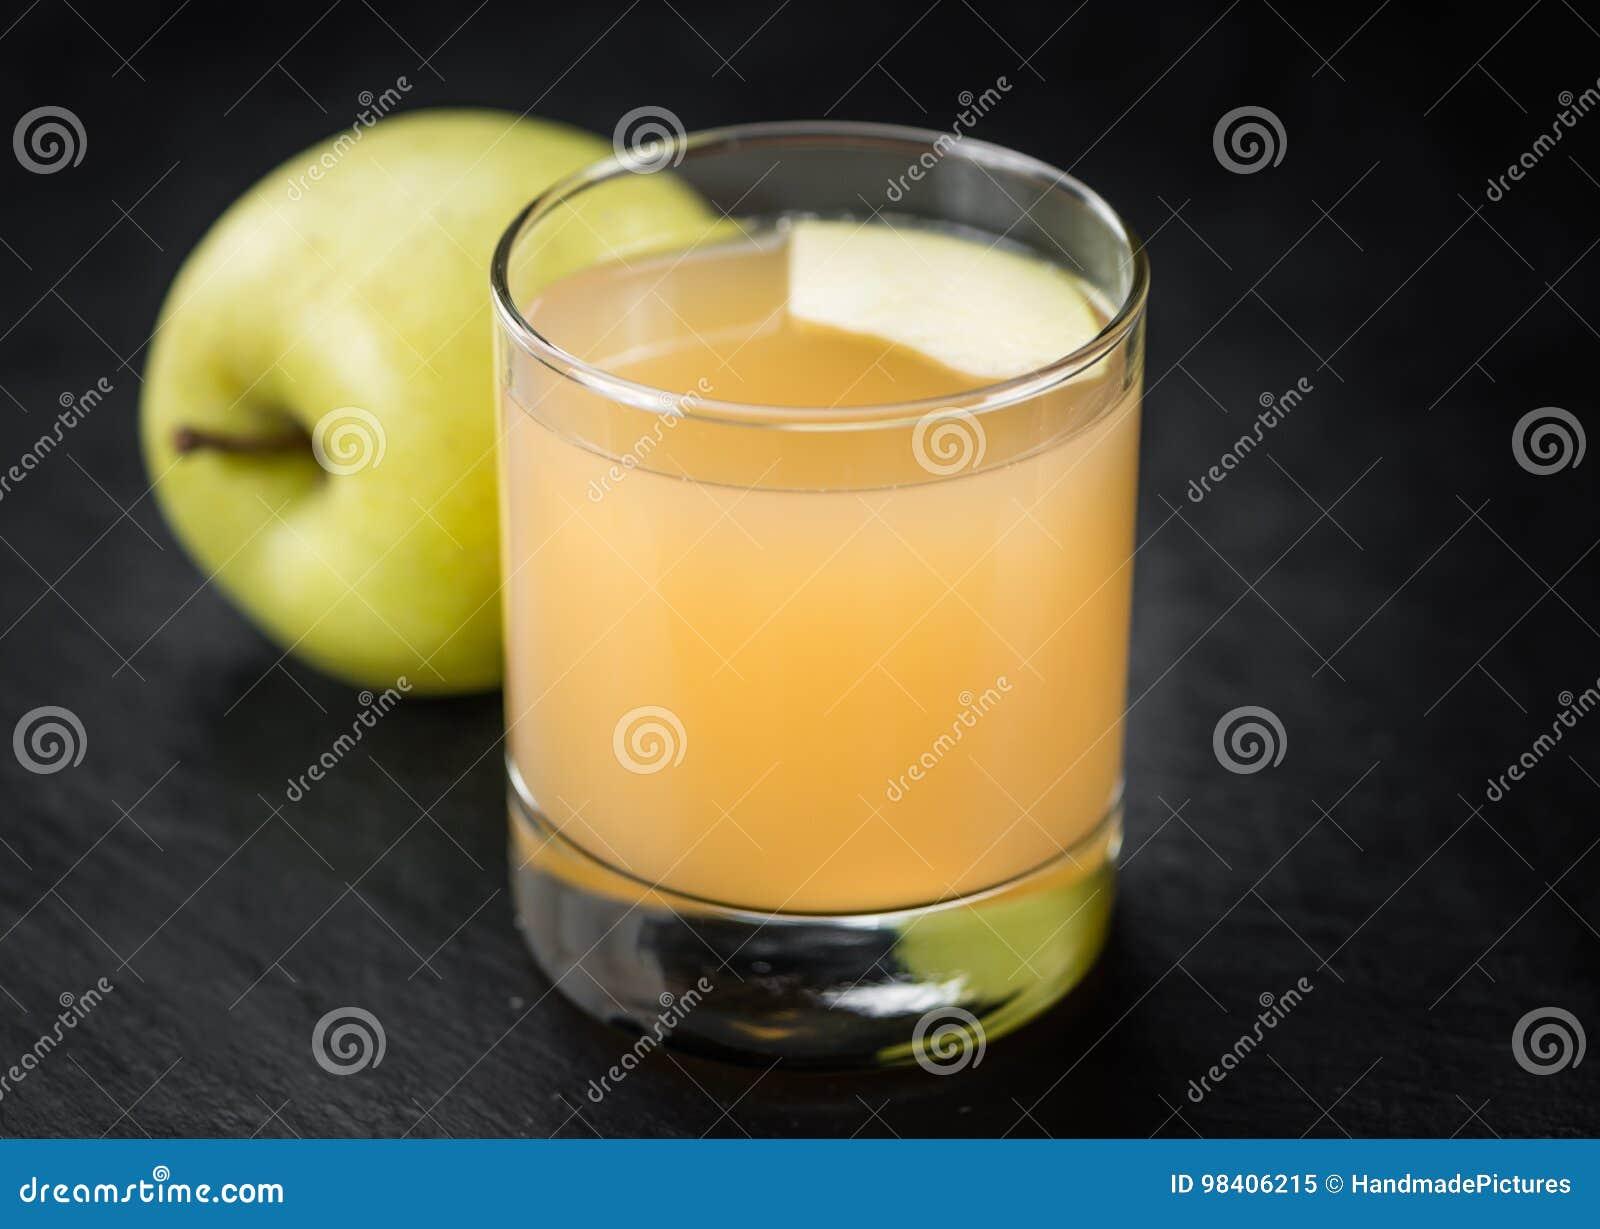 барби имеет фото яблочный сок на выходе из голода спецстрой